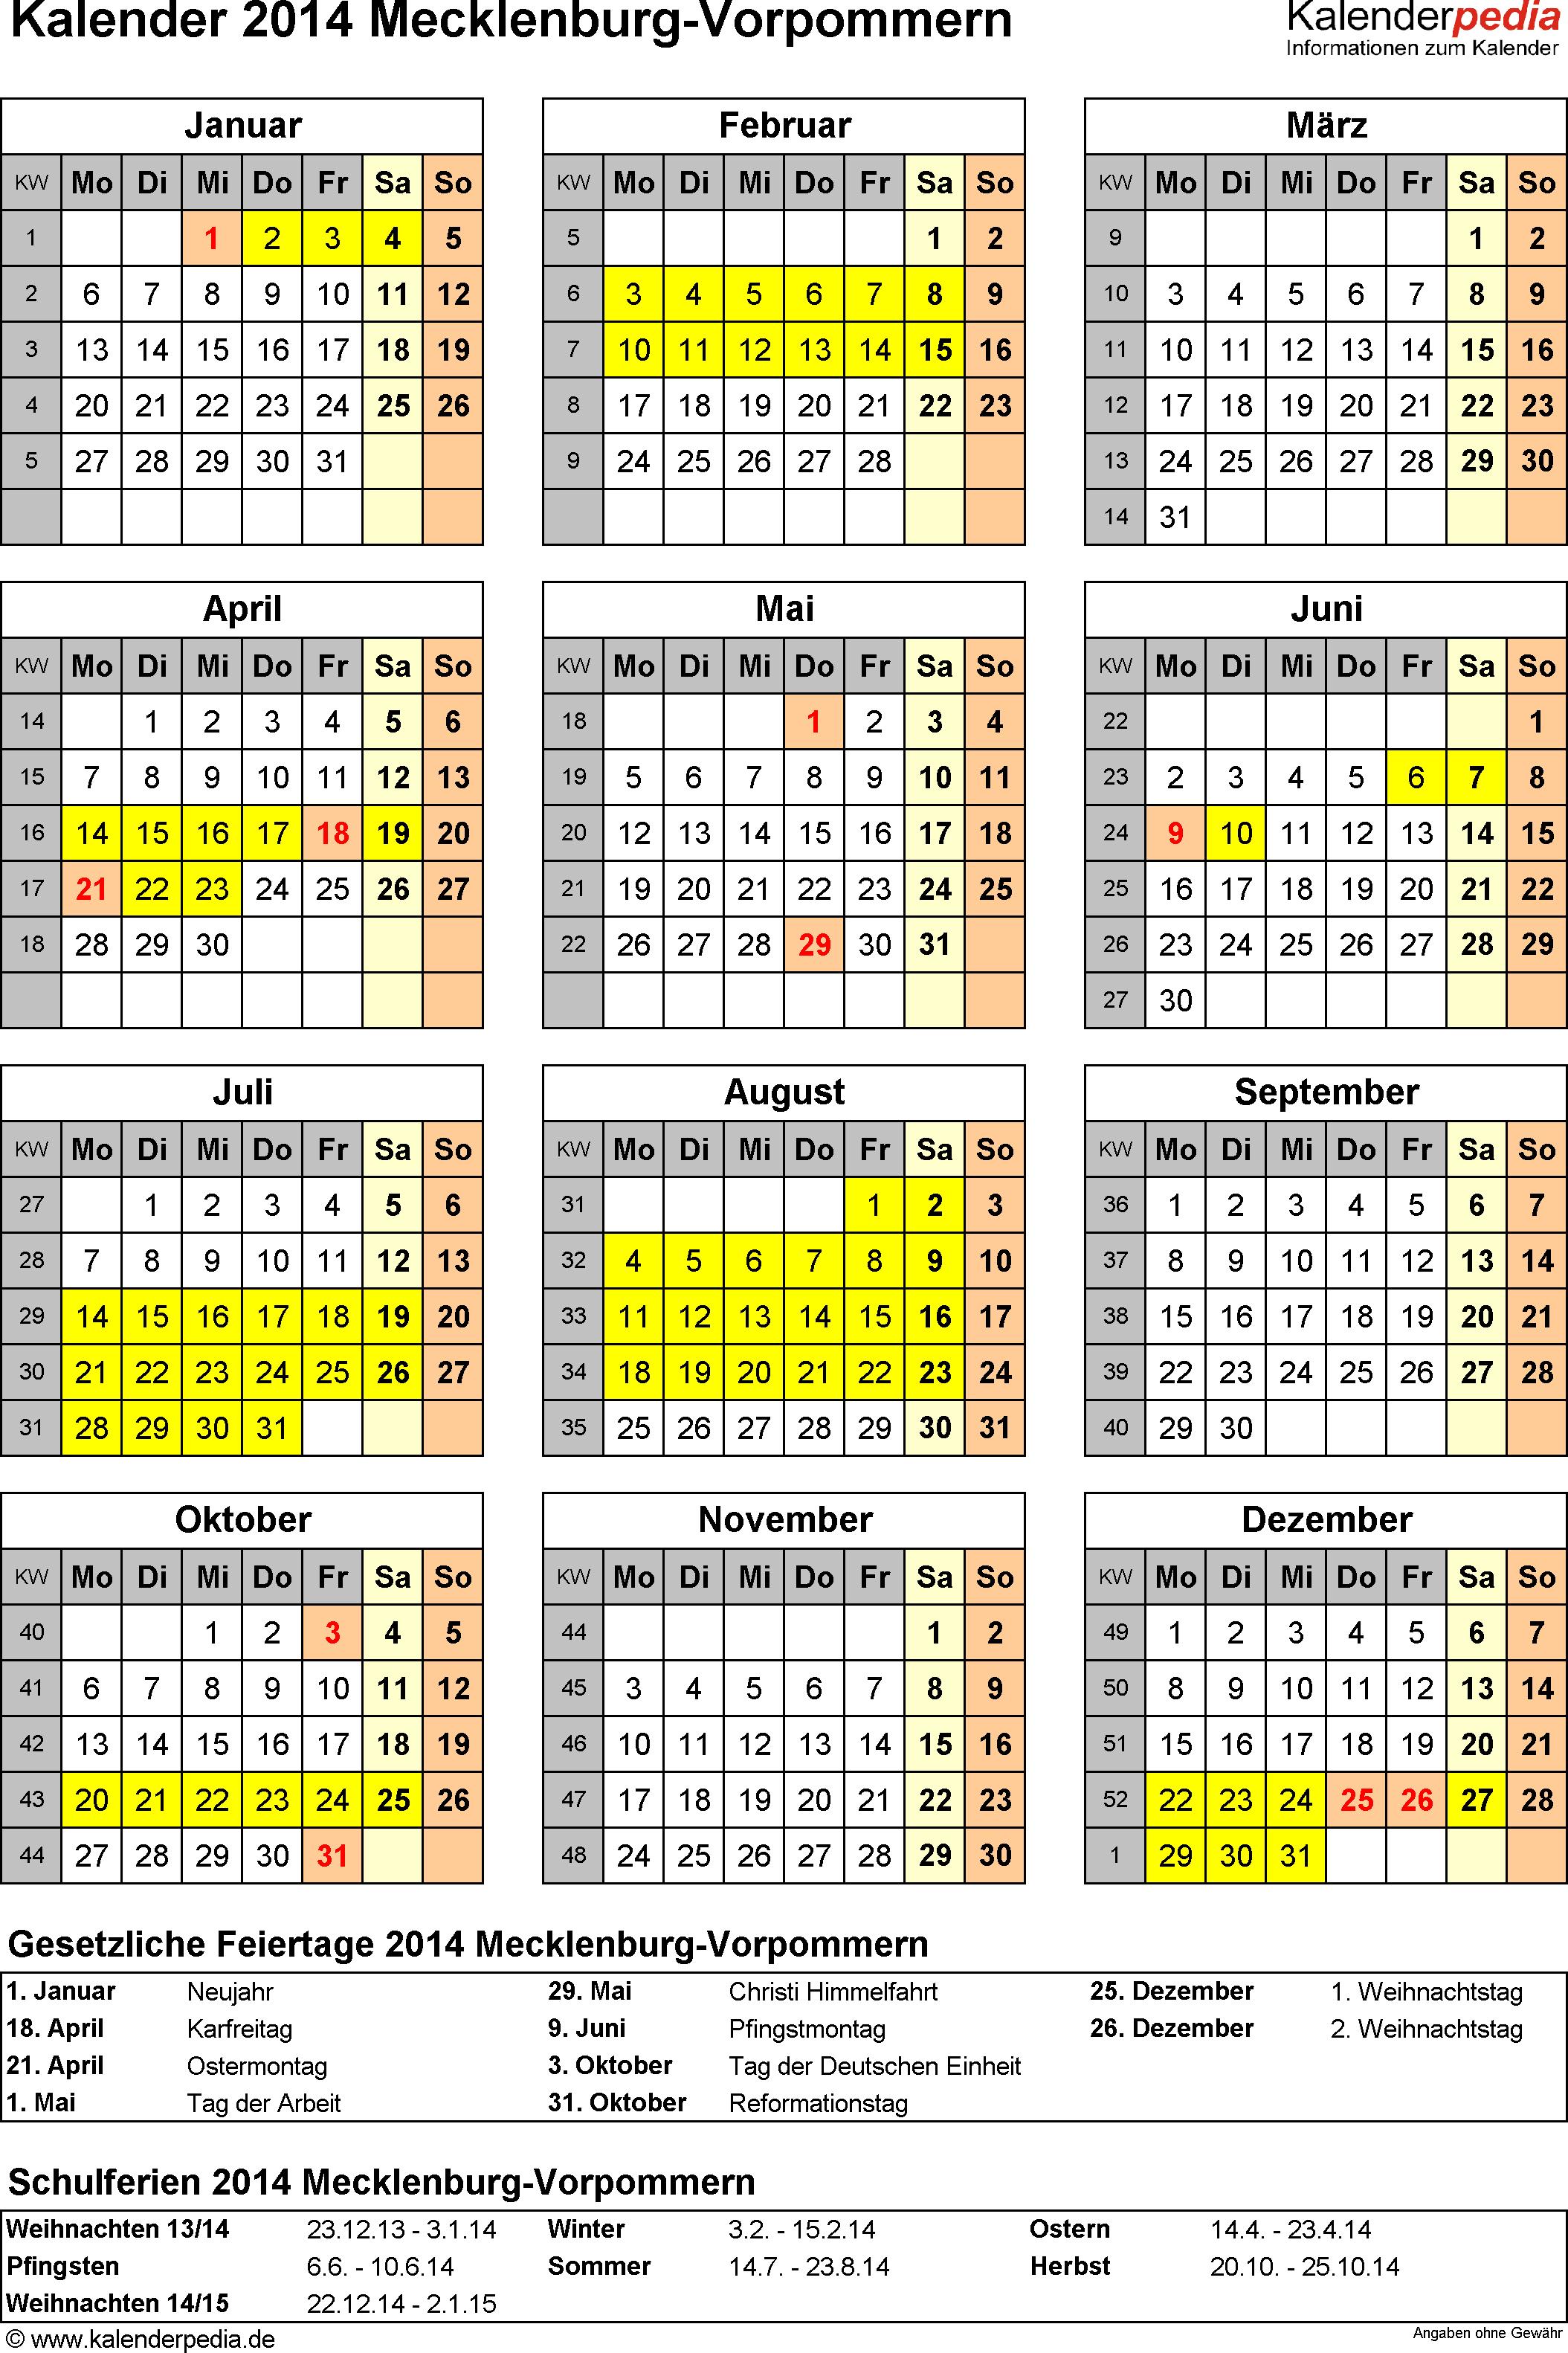 Vorlage 4: Kalender Mecklenburg-Vorpommern 2014 als PDF-Vorlage (Hochformat)